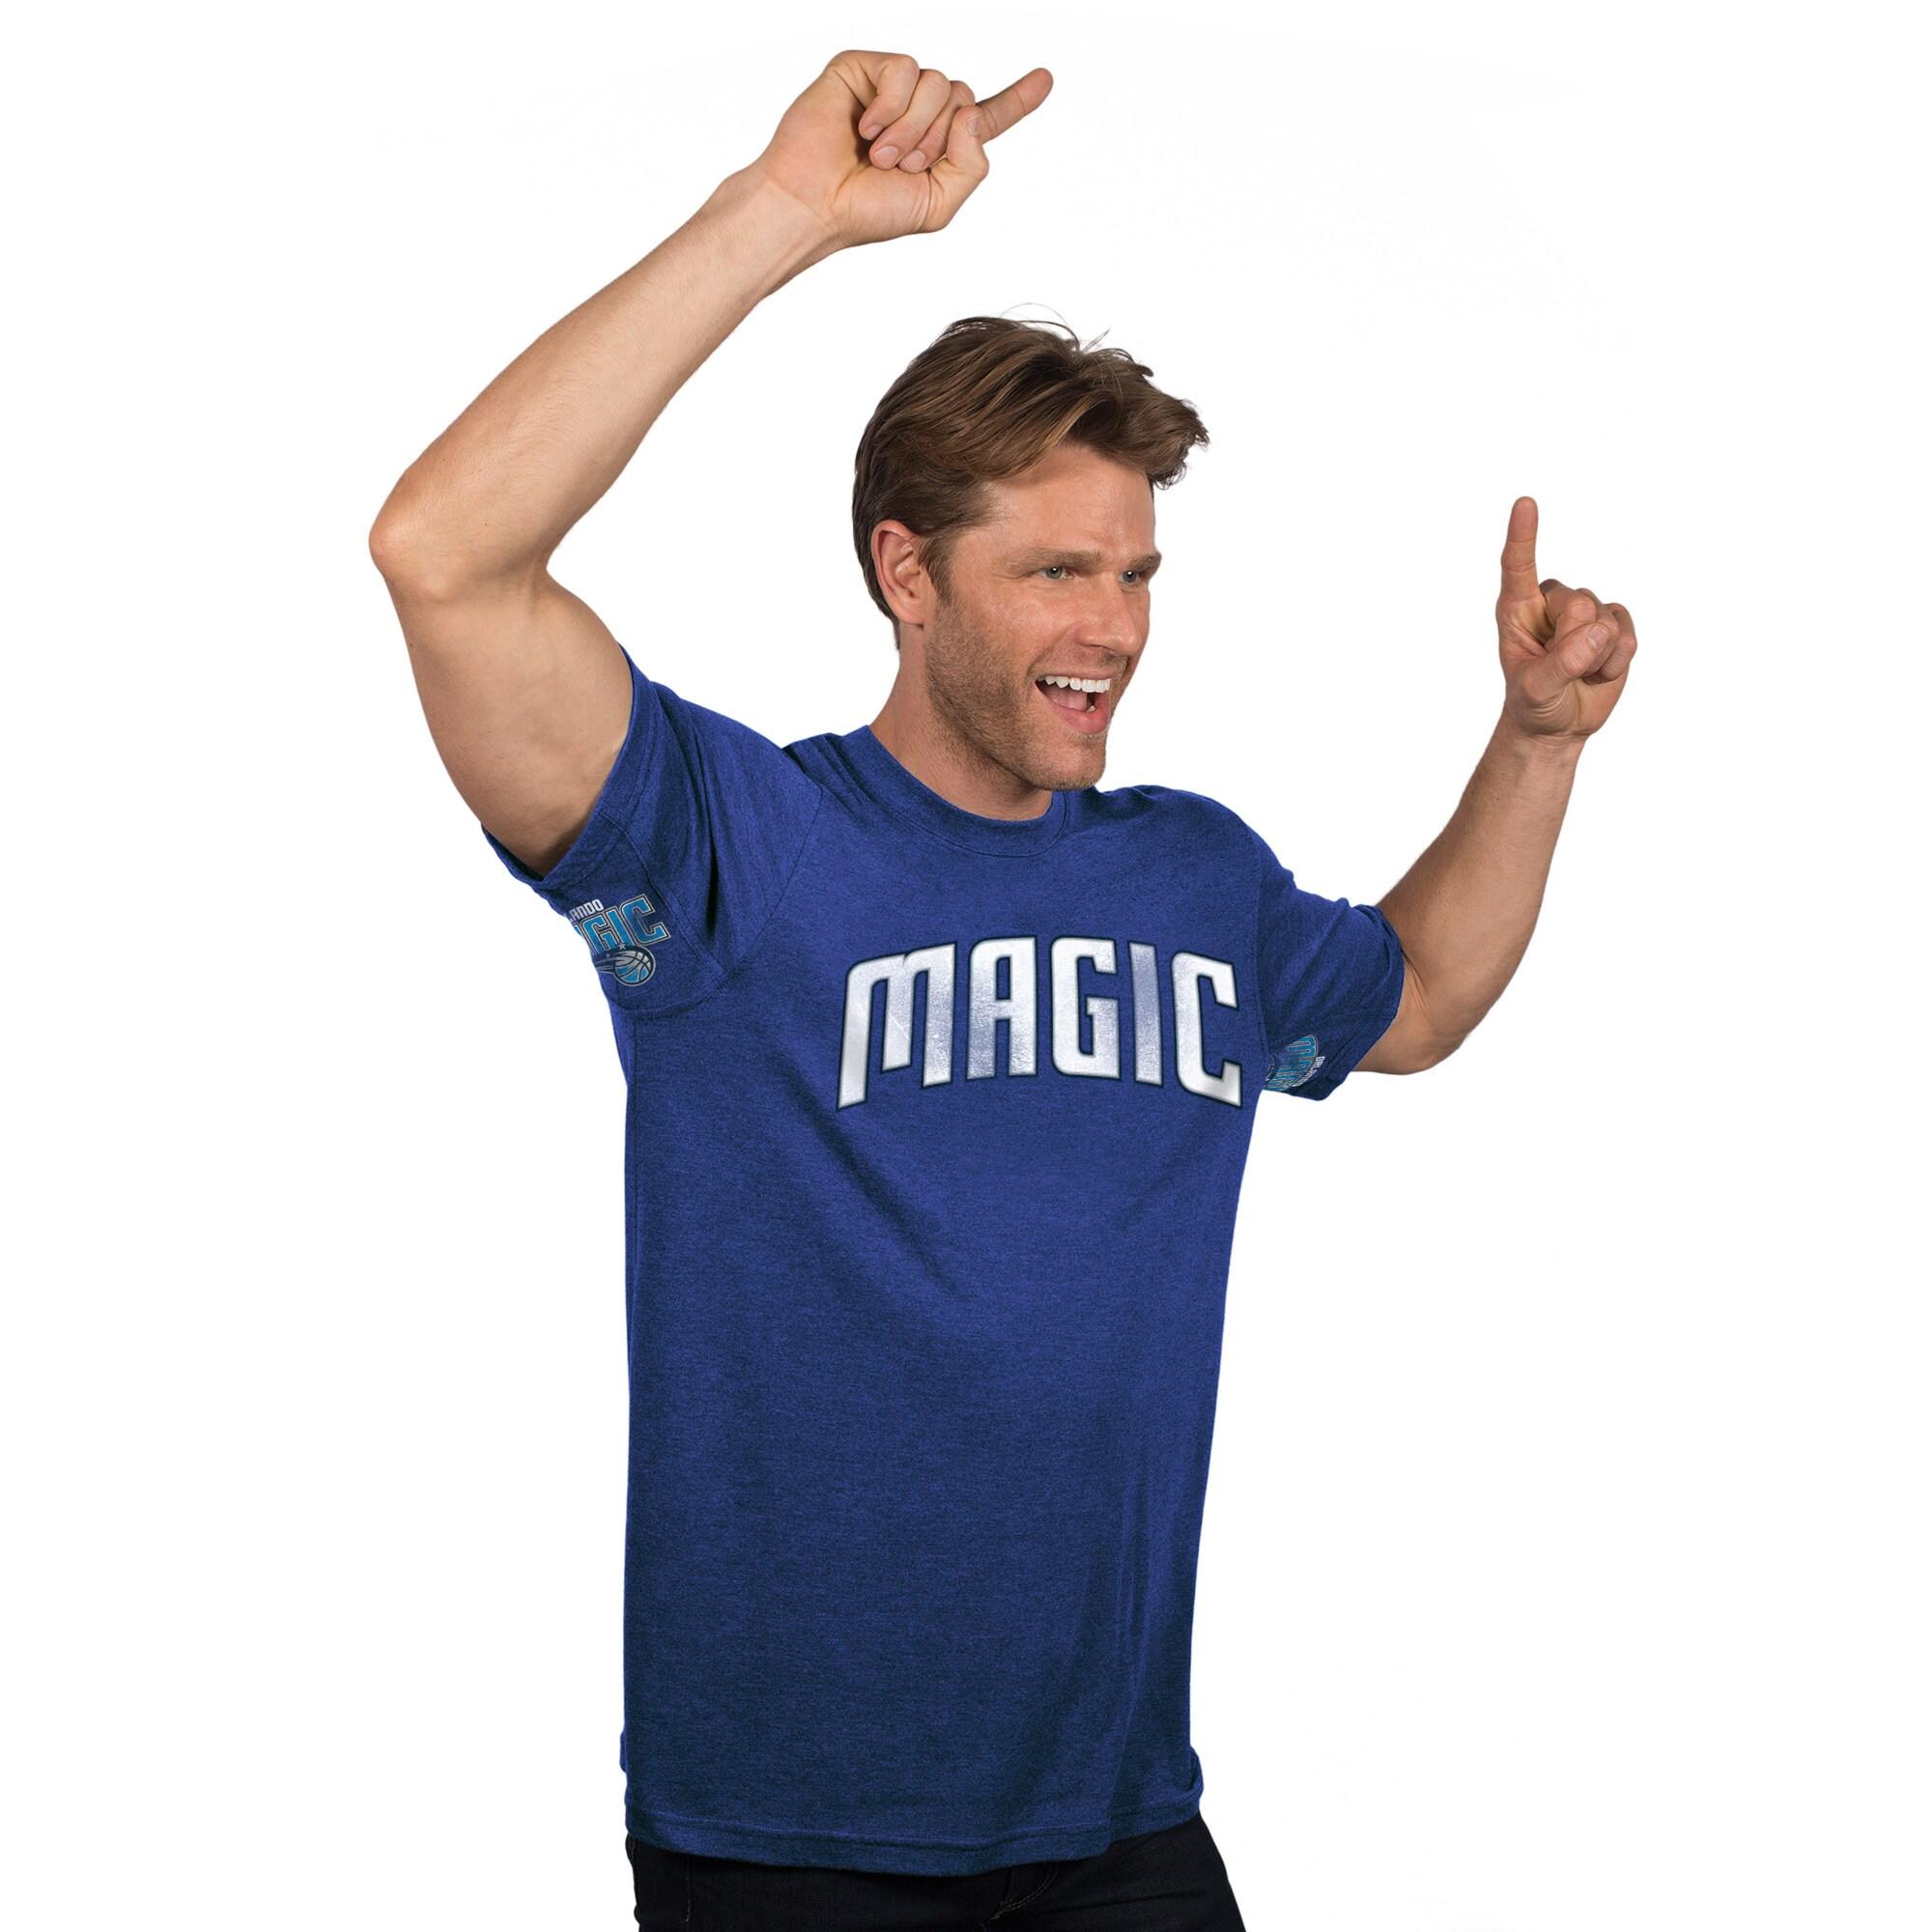 Orlando Magic Hands High Tri-Blend T-Shirt - Blue